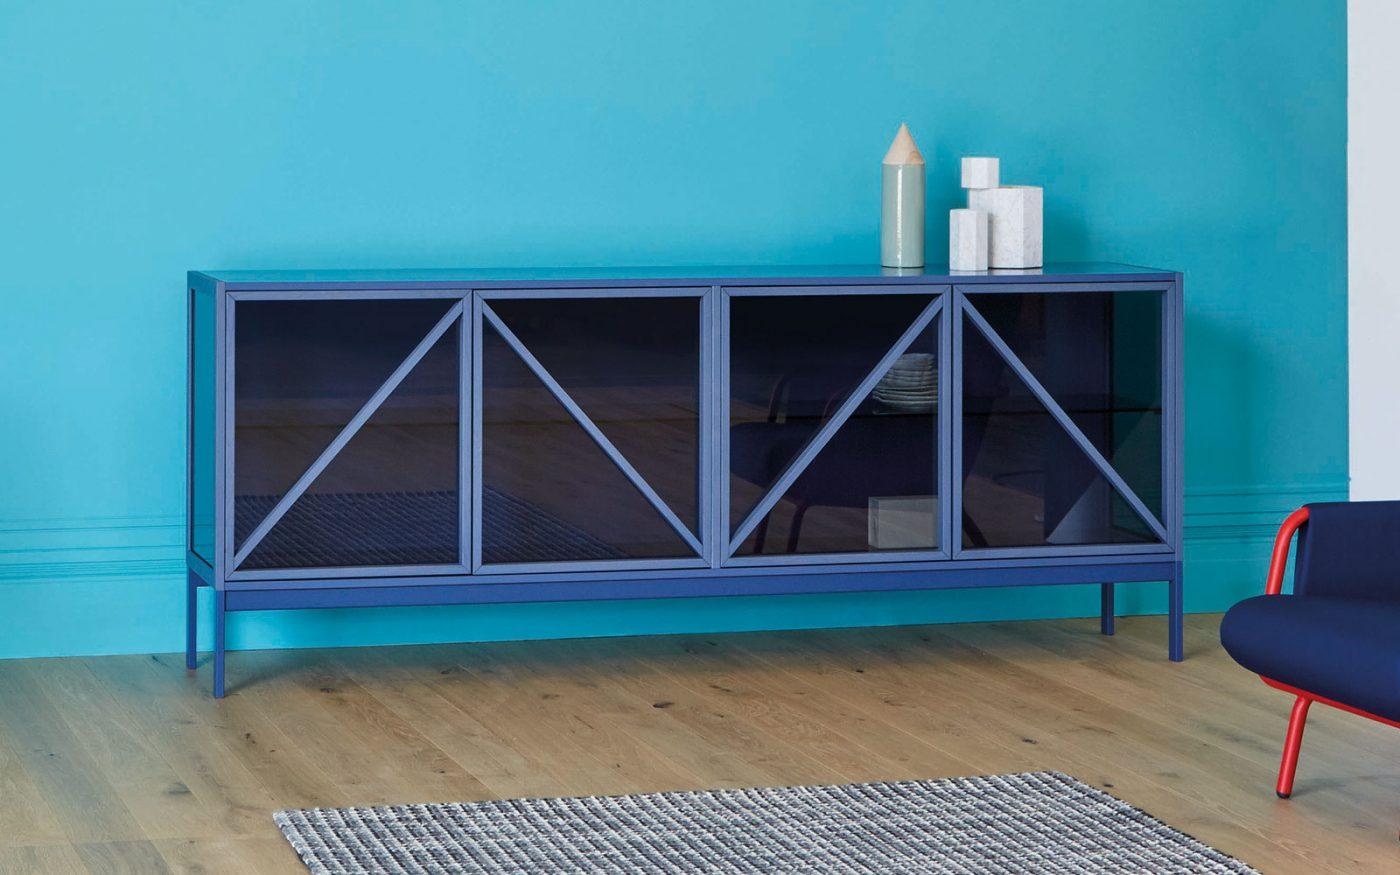 kramer-sideboard-glass-doors-blue-miniforms